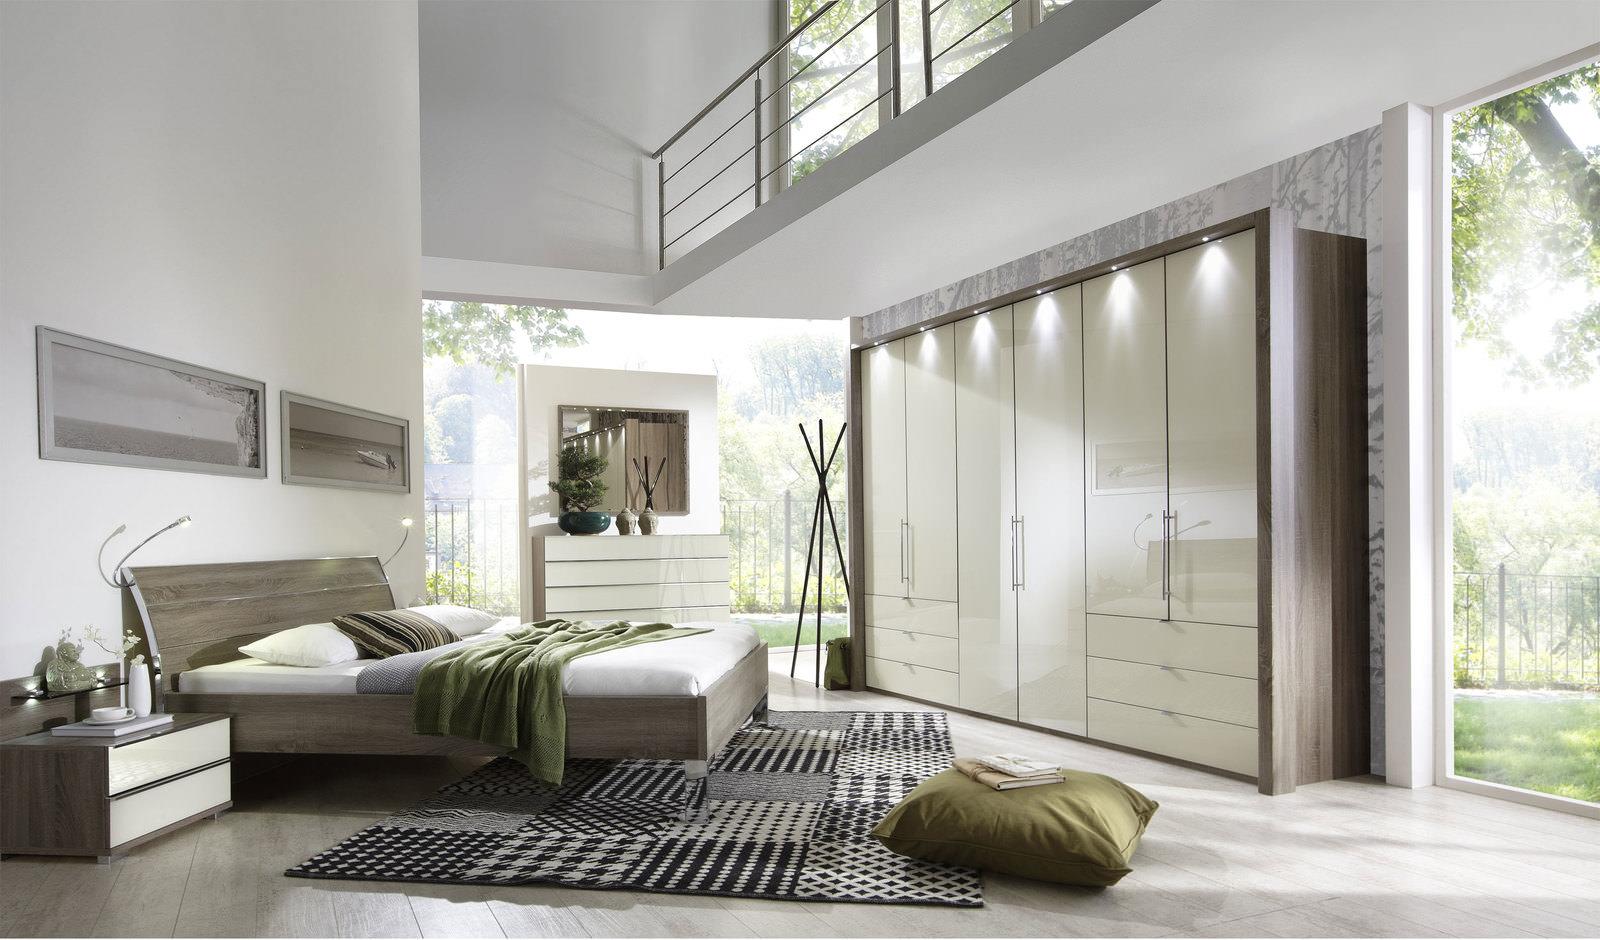 Schlafzimmer online entdecken | Knuffmann - Ihr Möbelhaus